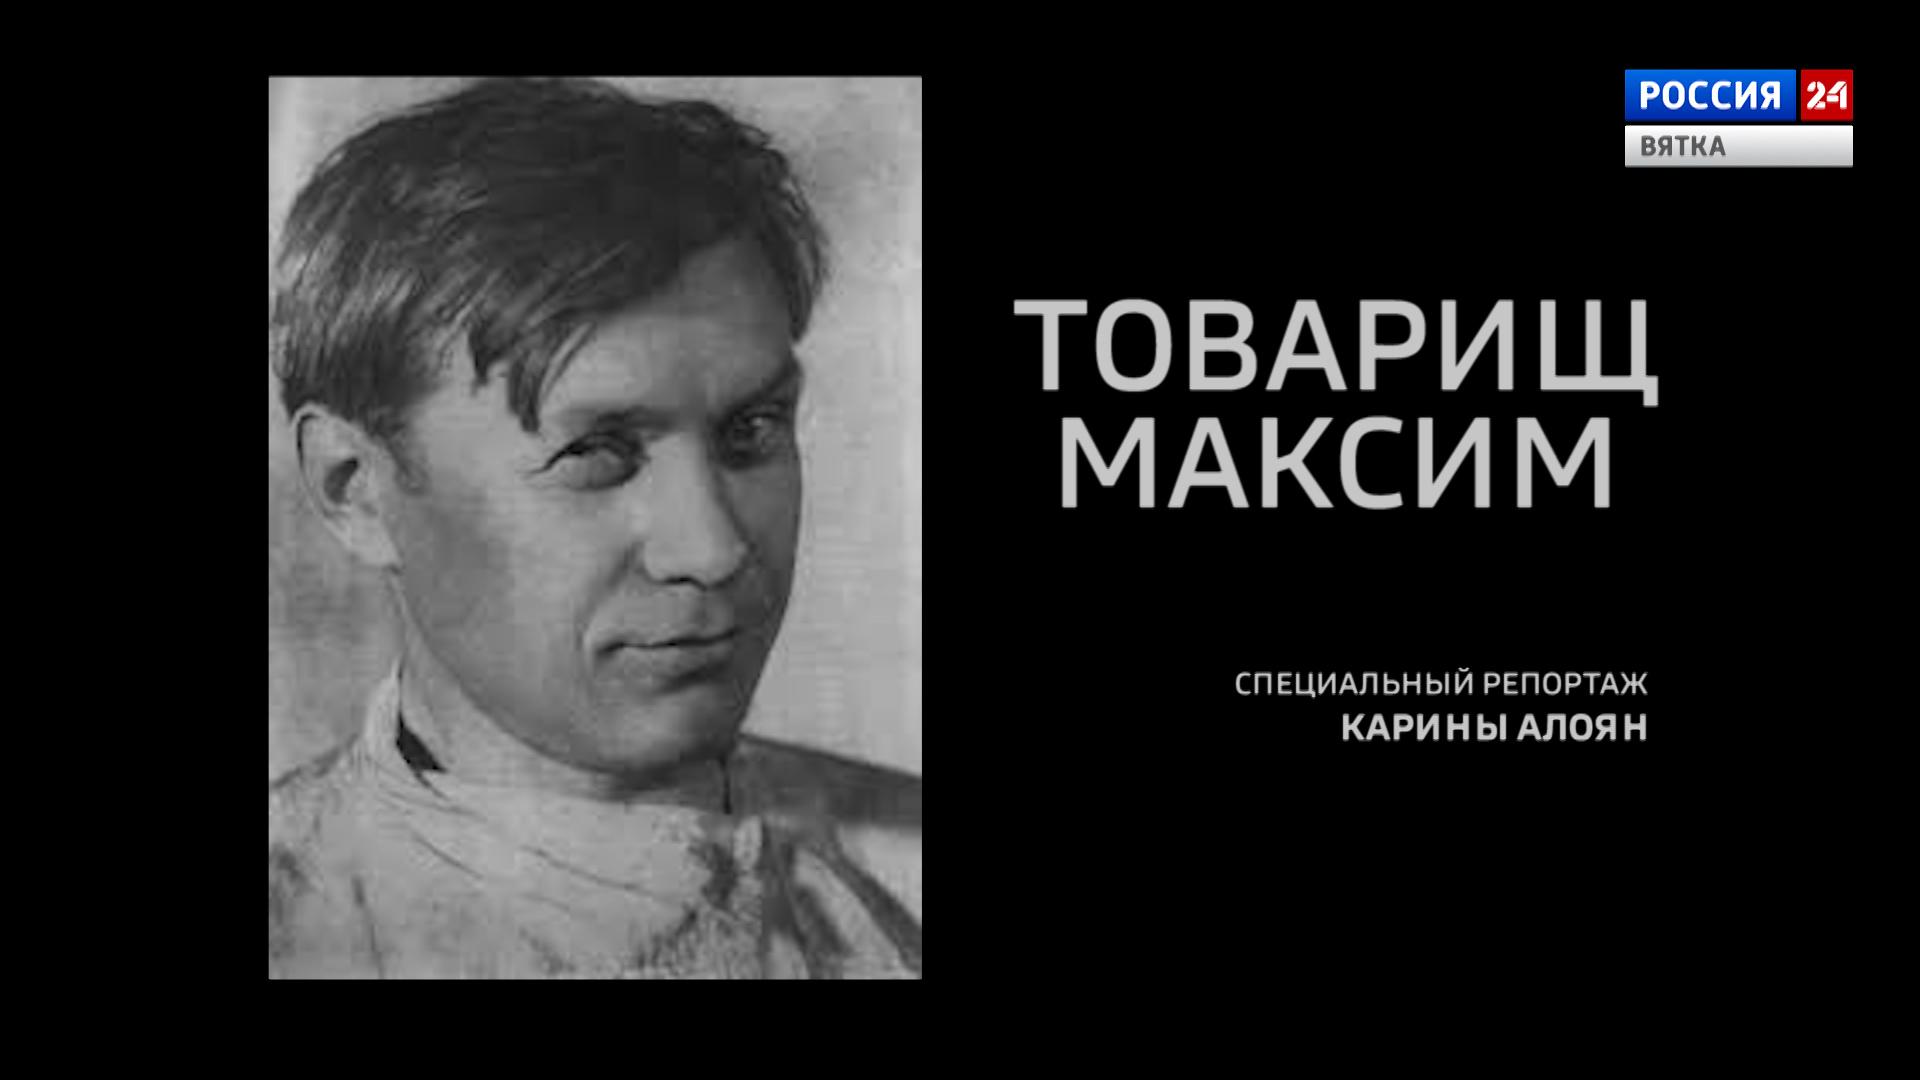 Специальный репортаж «Товарищ Максим» (21.09.2021)